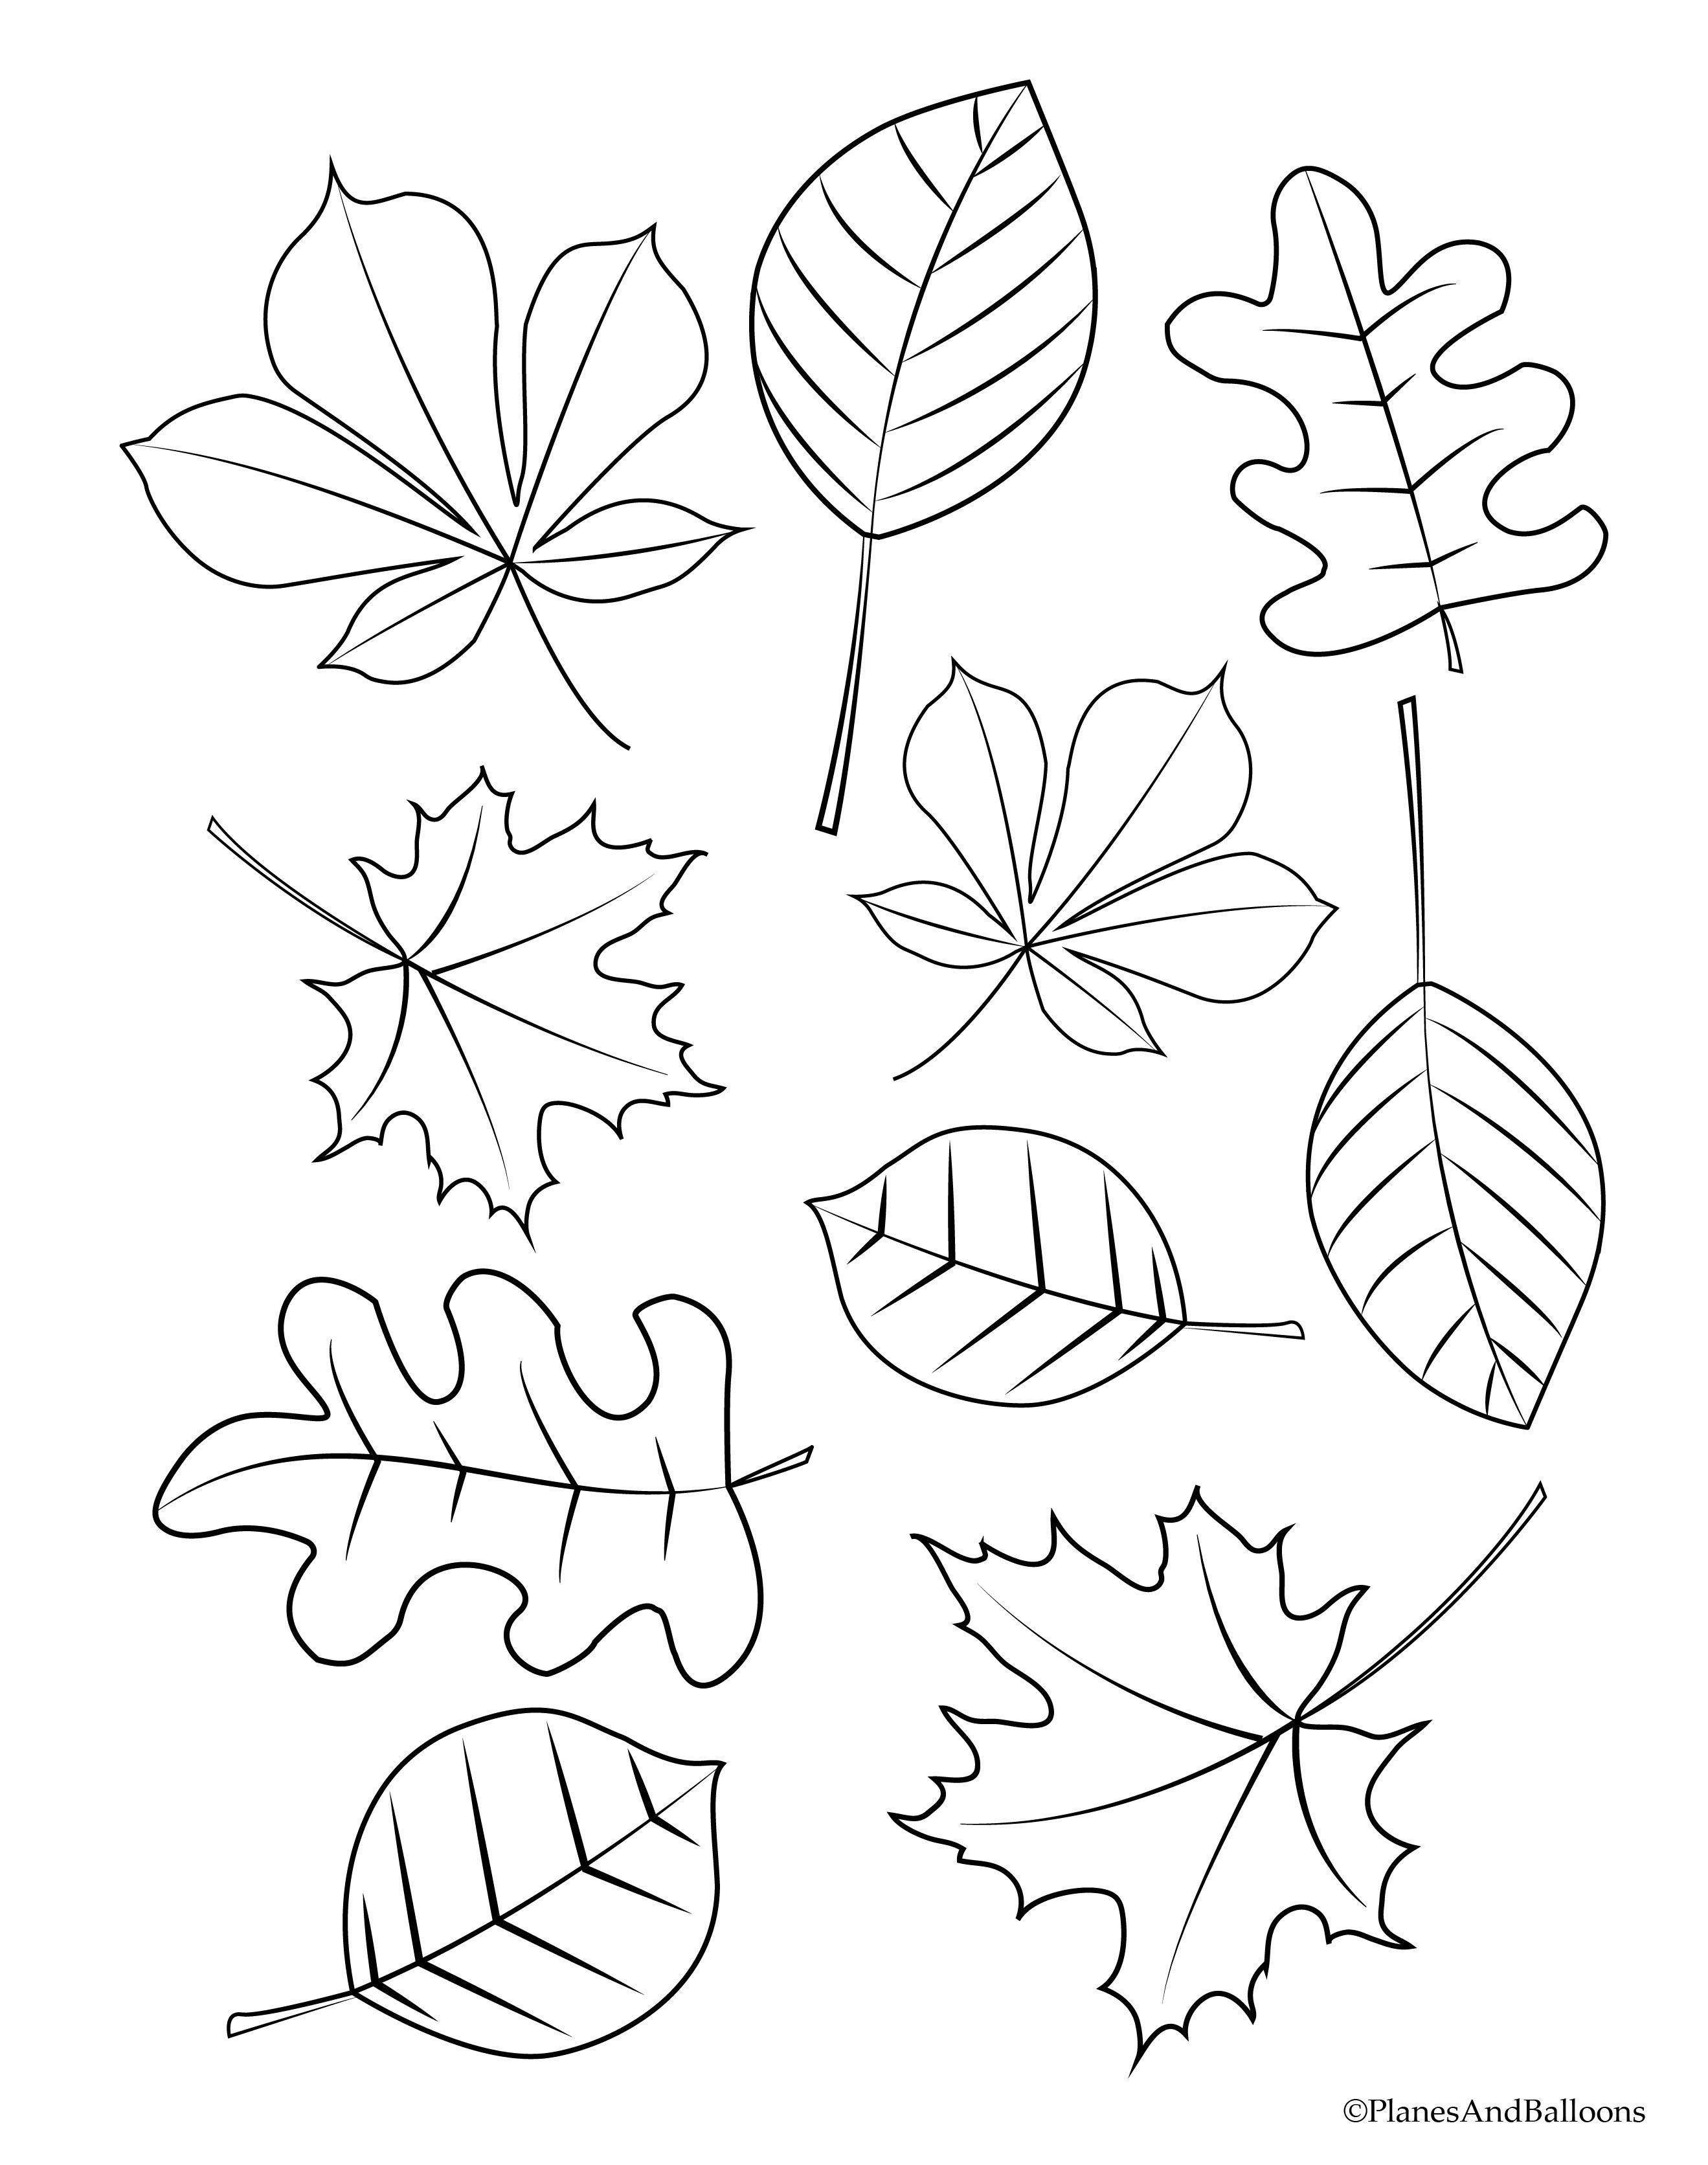 Fall Leaves Preschool Coloring Pages Different Designs Really Cute Kostenlose Ausmalbilder Malvorlagen Zum Ausdrucken Blattschablone